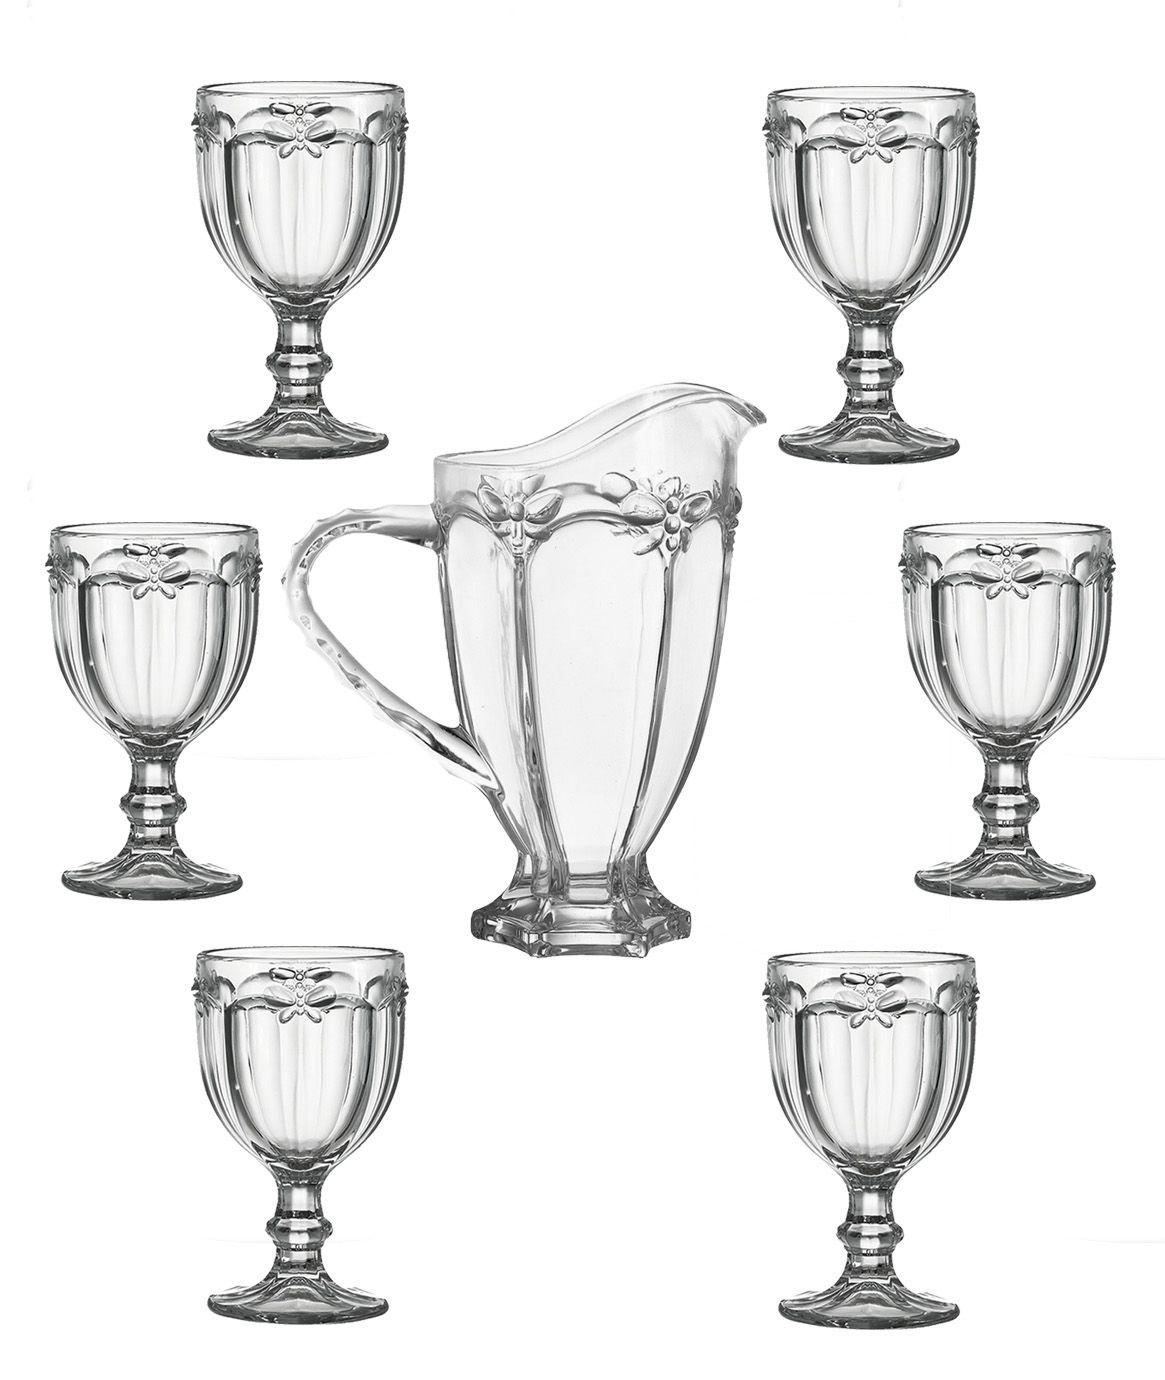 Conjunto 6 Taças De Água Libélula Transparente + Jarra 1 Litro Elegance